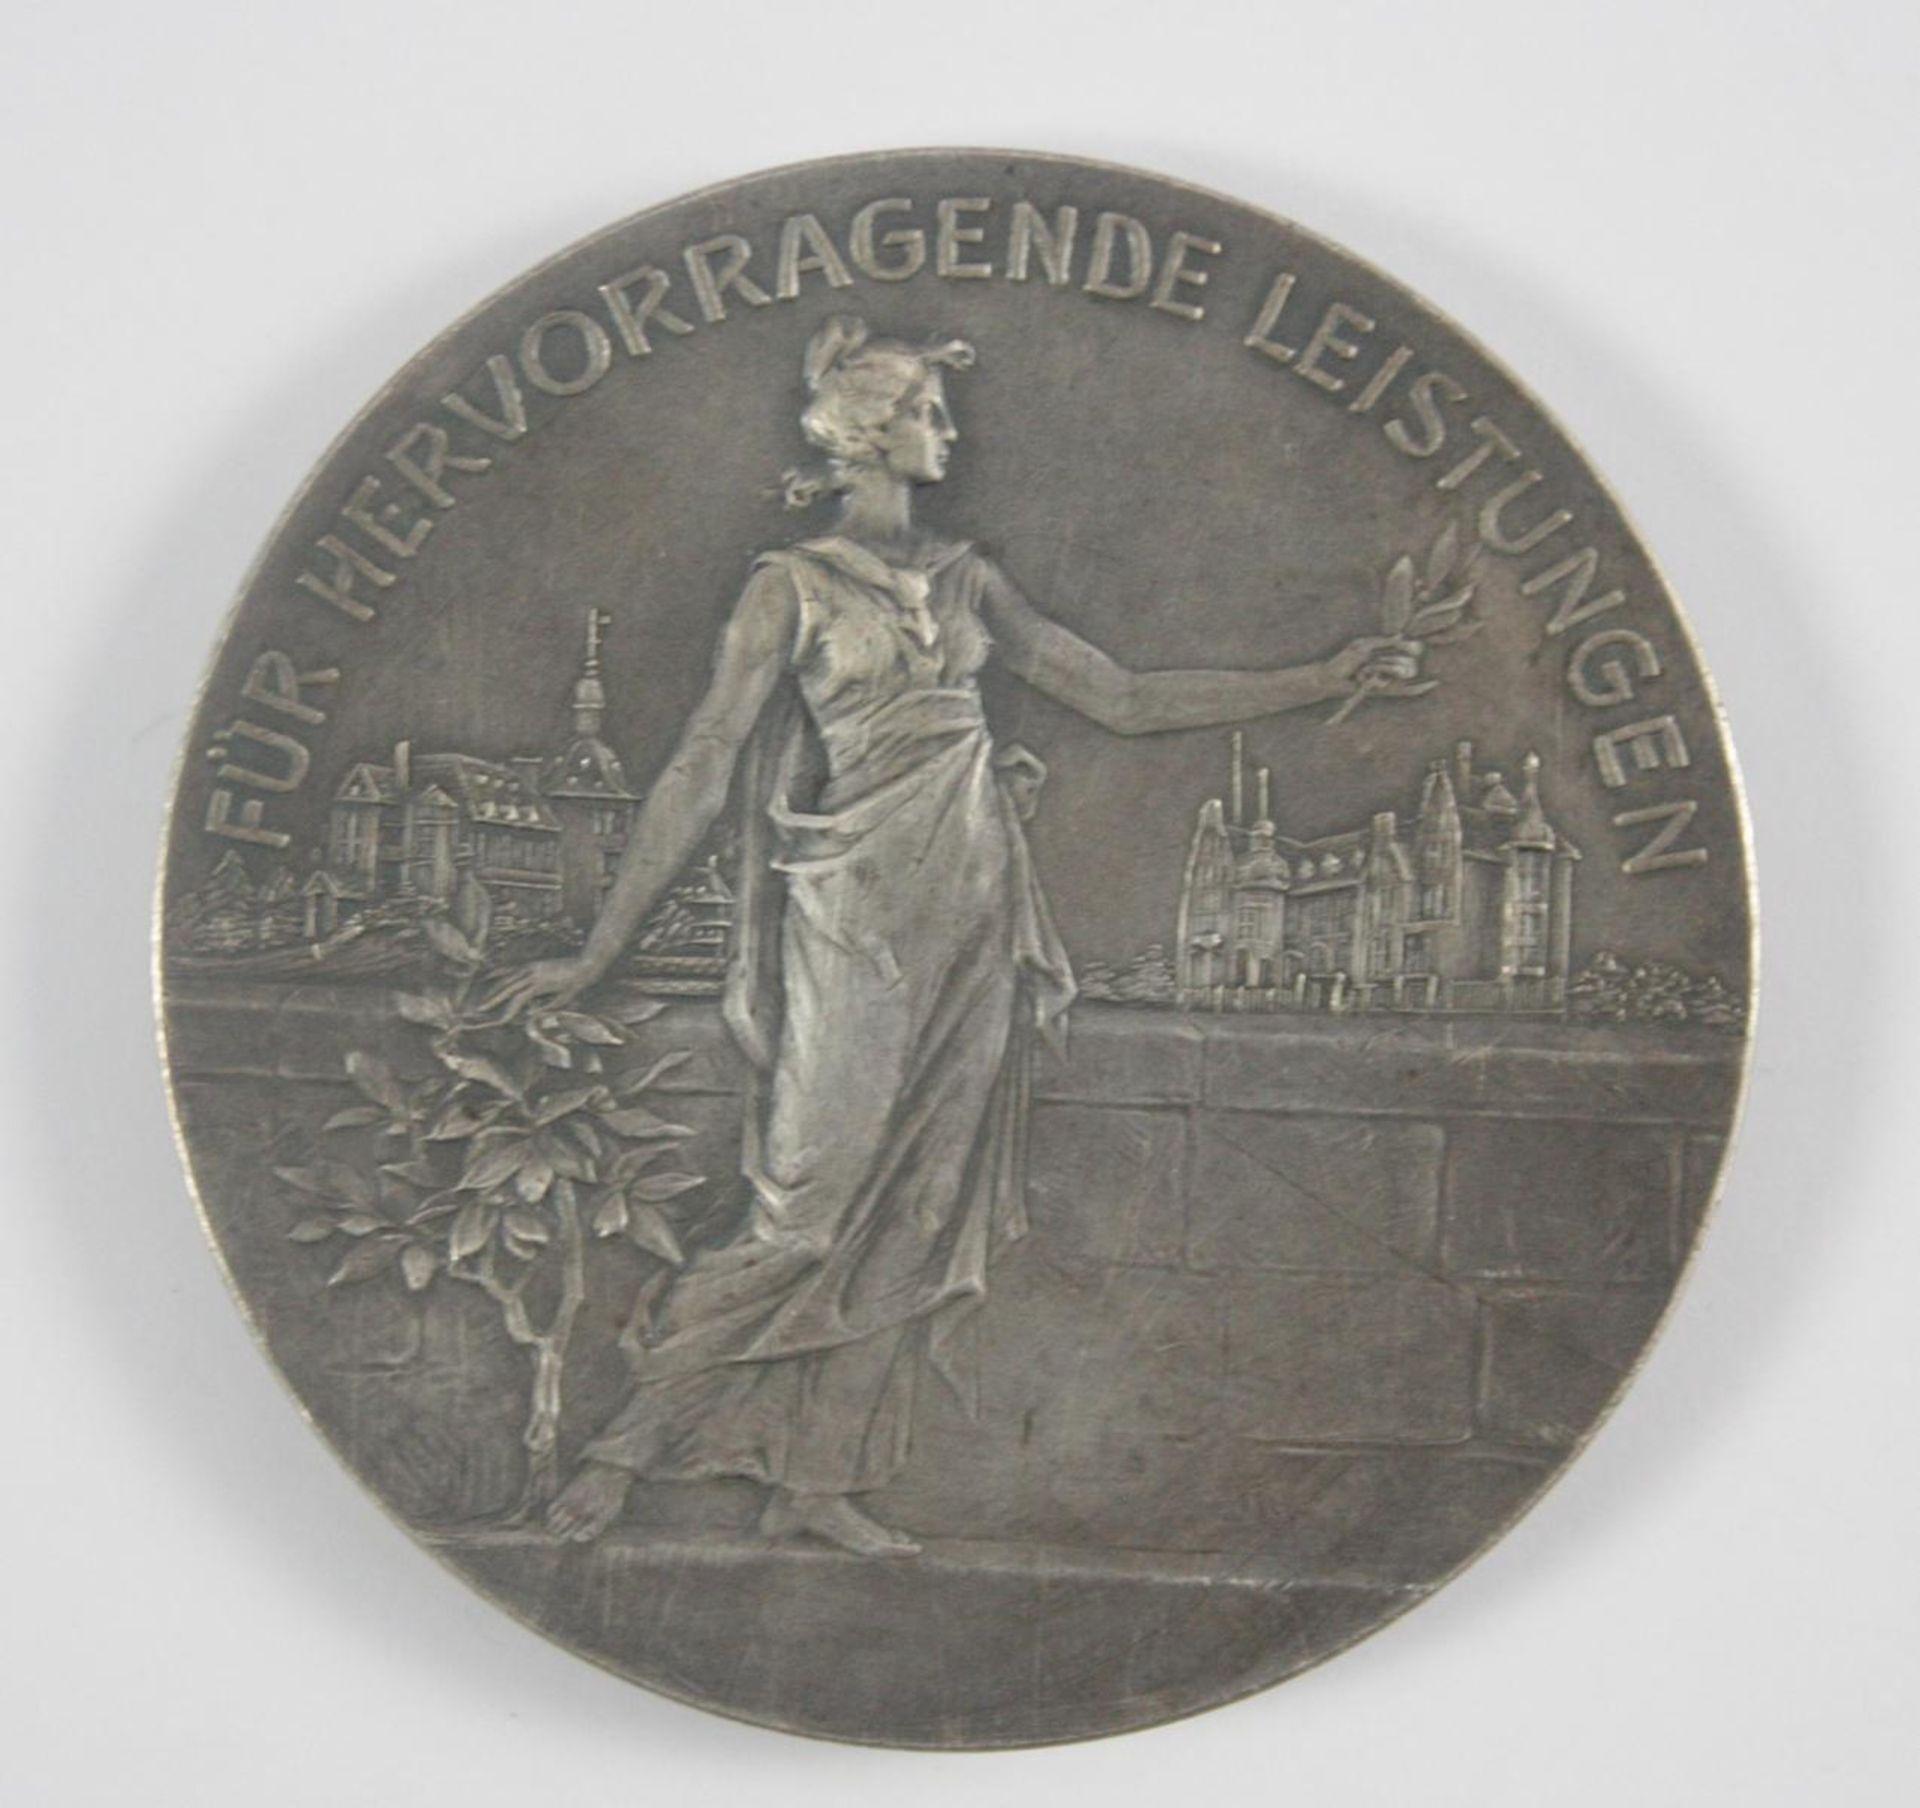 Silberpreismedaille Braune Messe 1933